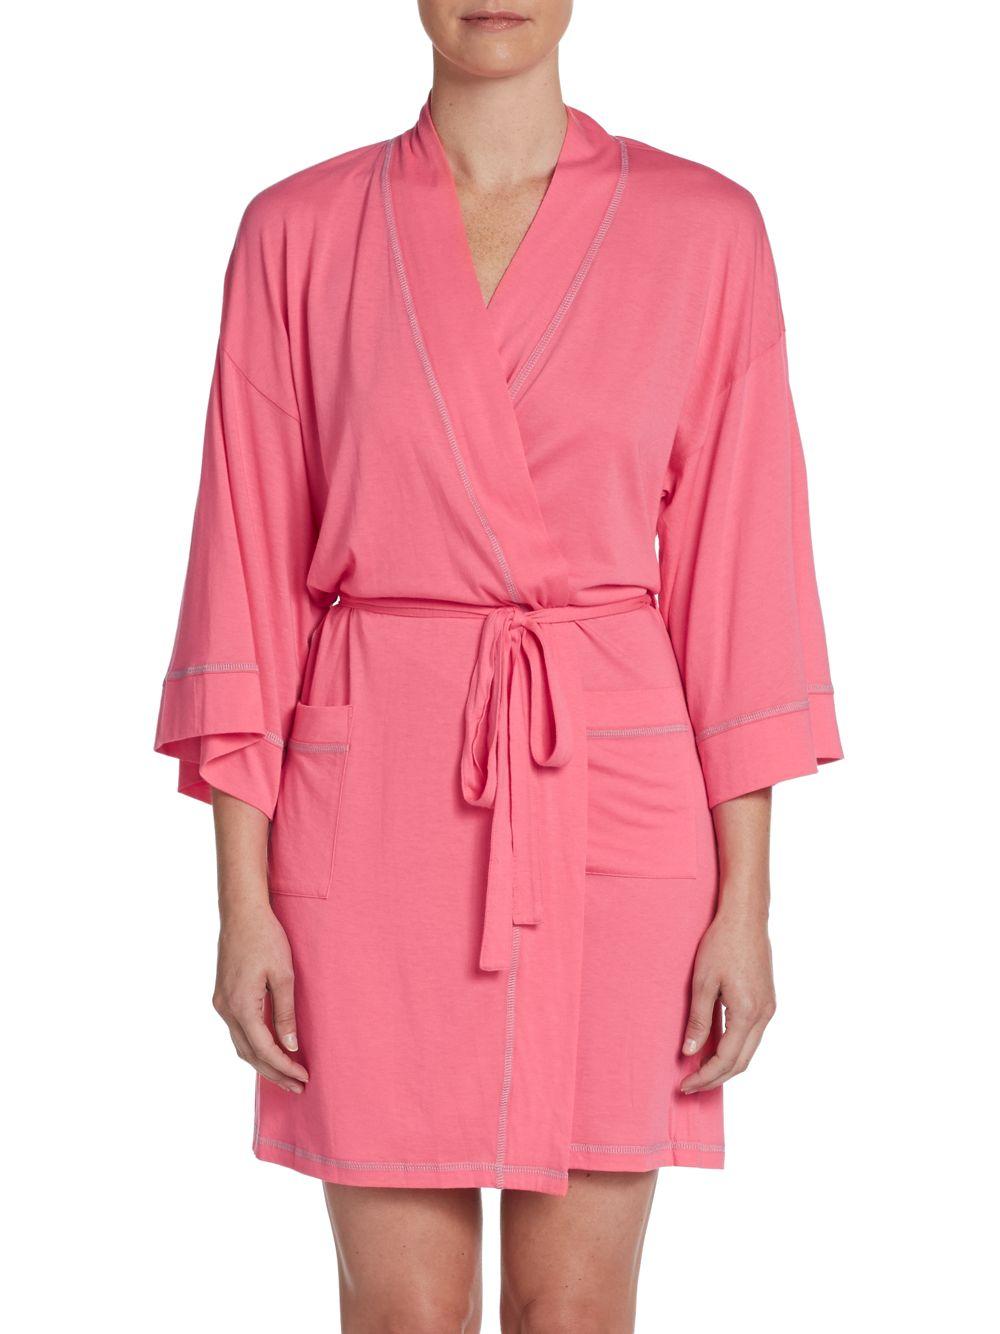 84abe1a496 Lyst - Josie Natori Jersey Knit Wrap Robe in Pink